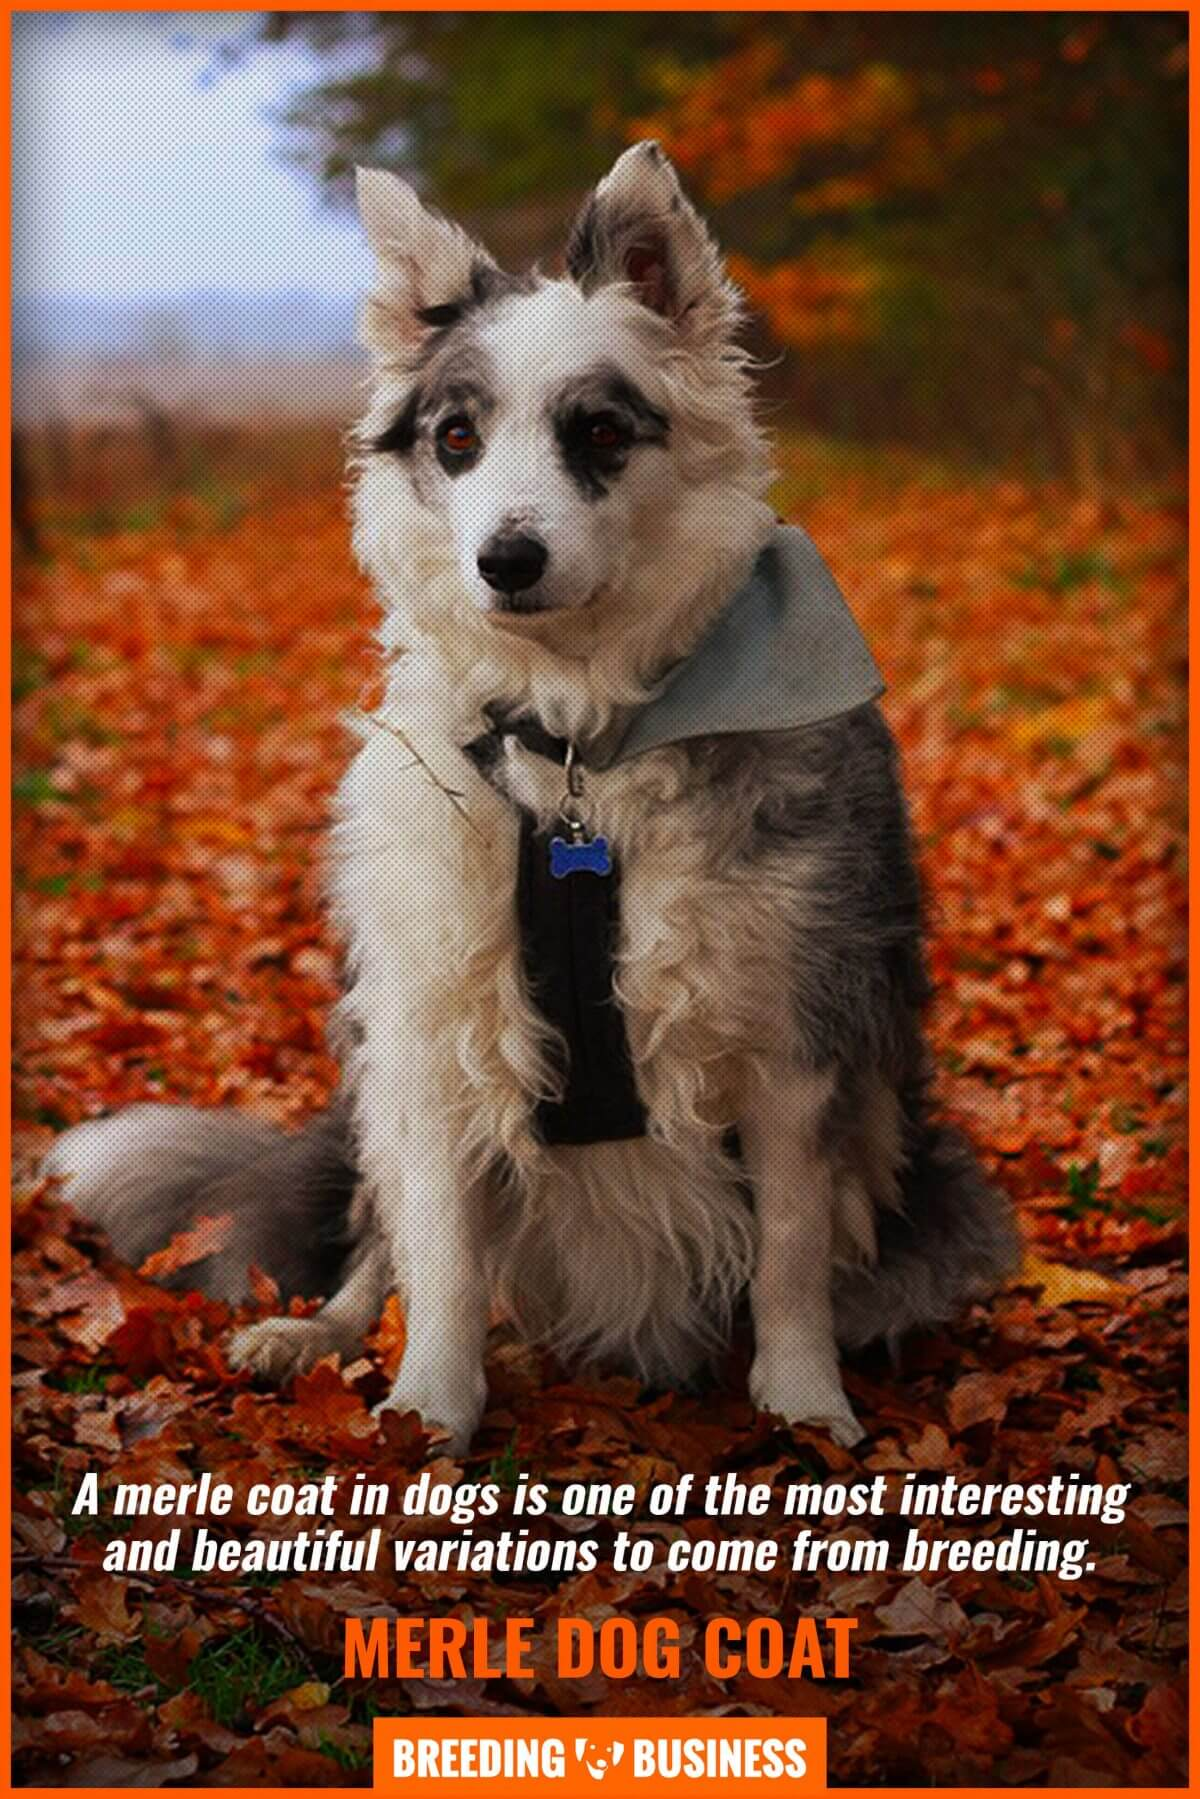 beauty of merle dogs